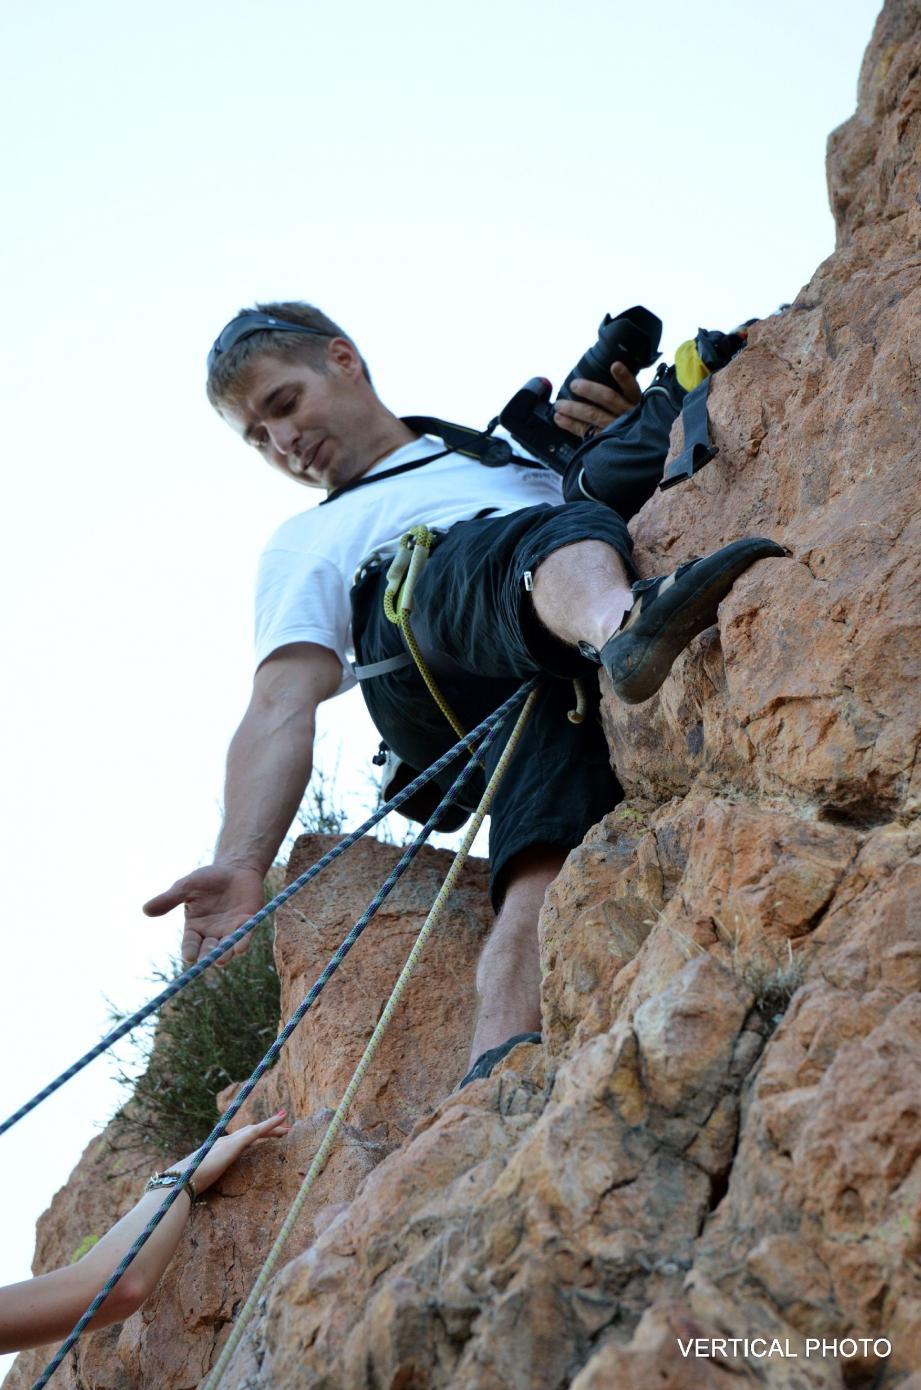 Sébastien Nalepka est photographe grimpeur. Vaché à un relais, il donne une vision spectaculaire du grimpeur en plein effort. Qui pourra ensuite repartir avec un CD.